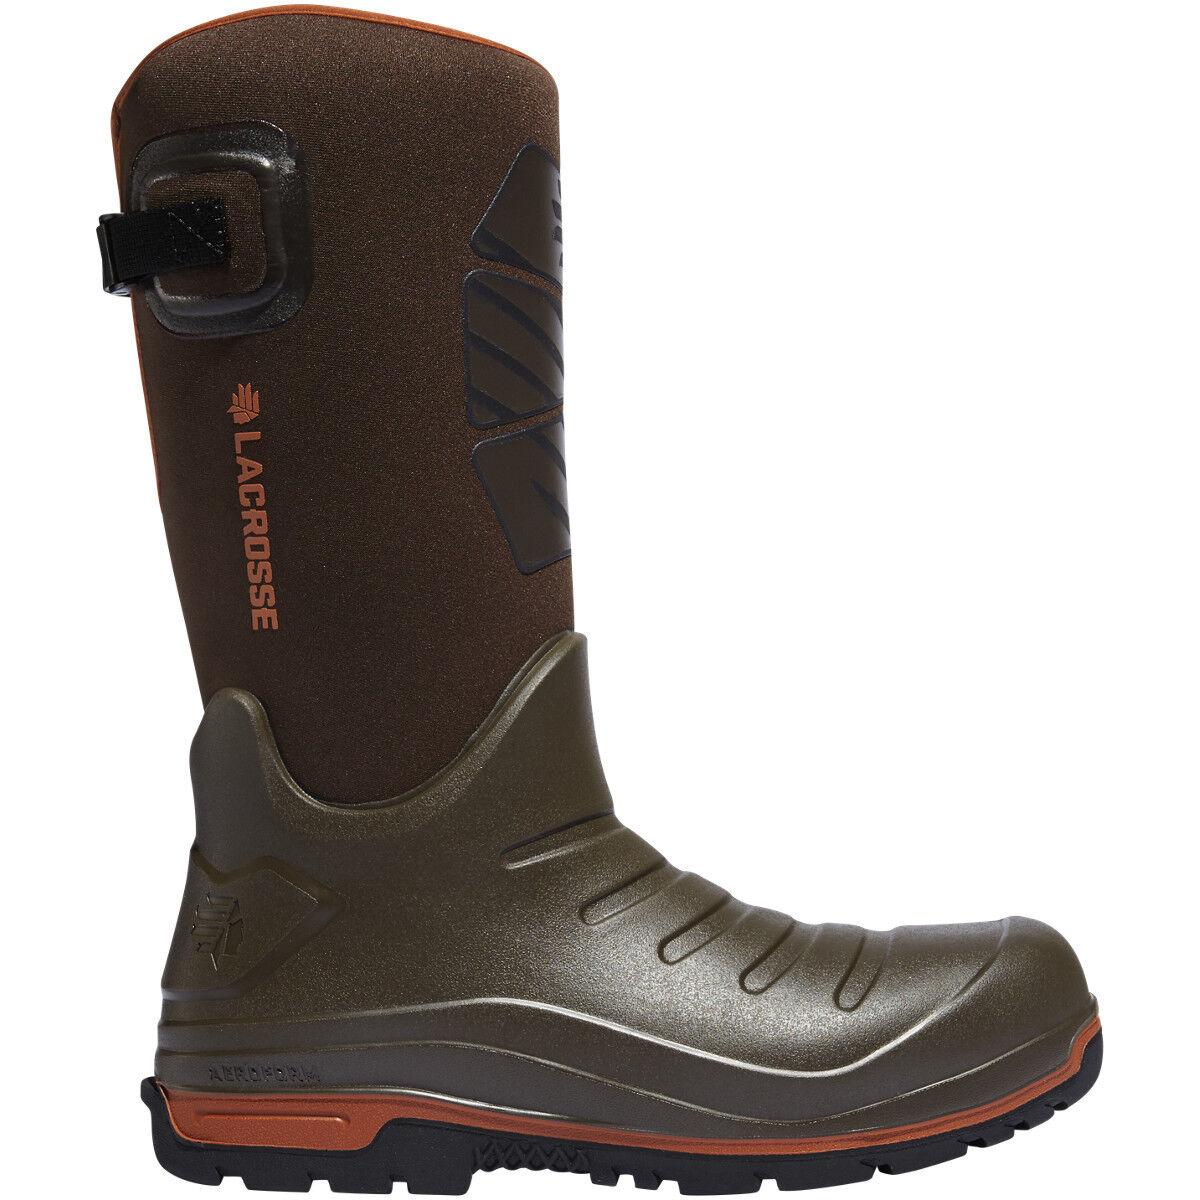 Lacrosse Uomo 664552 664552 664552 Aero Insulator 14  Marrone Outdoor Winter Snow scarpe stivali a80383